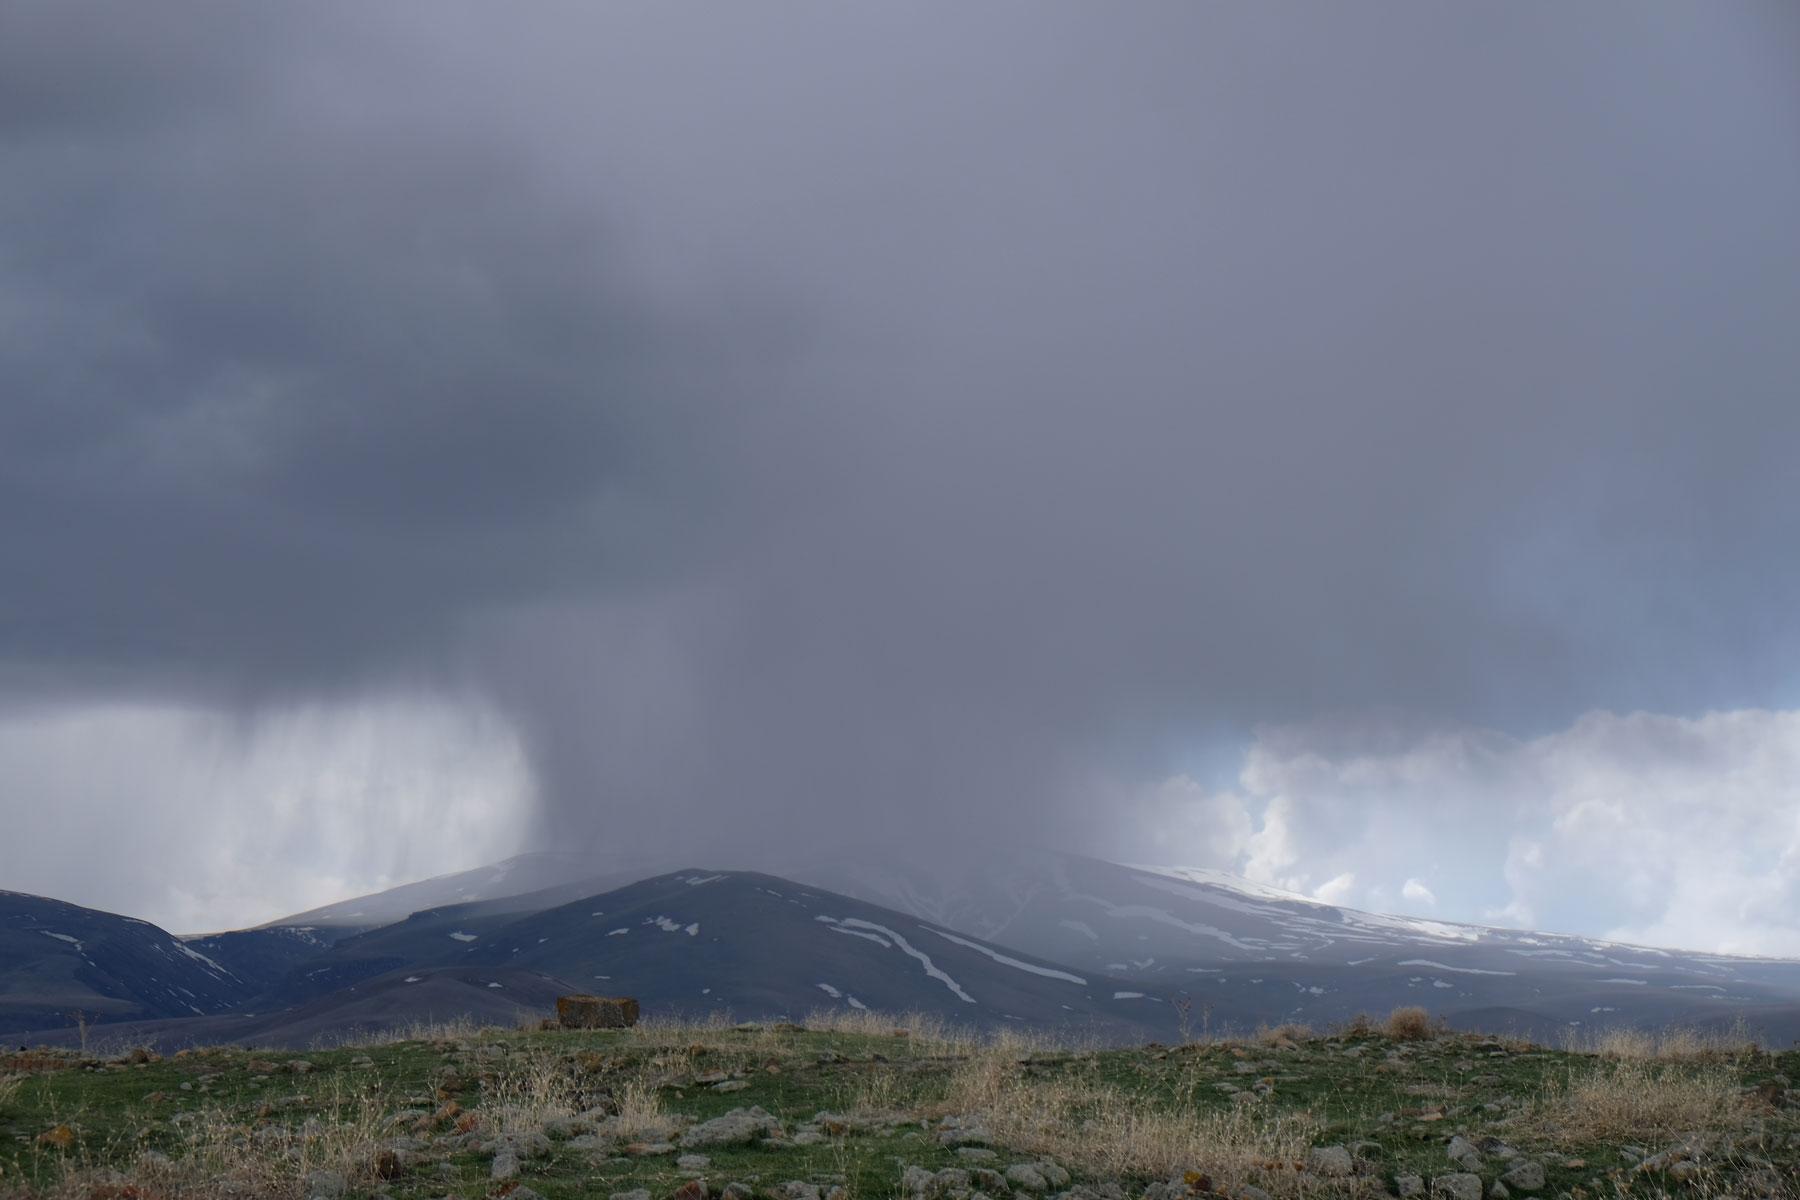 Dunkle Regenwolken und Schauer über einem Berg